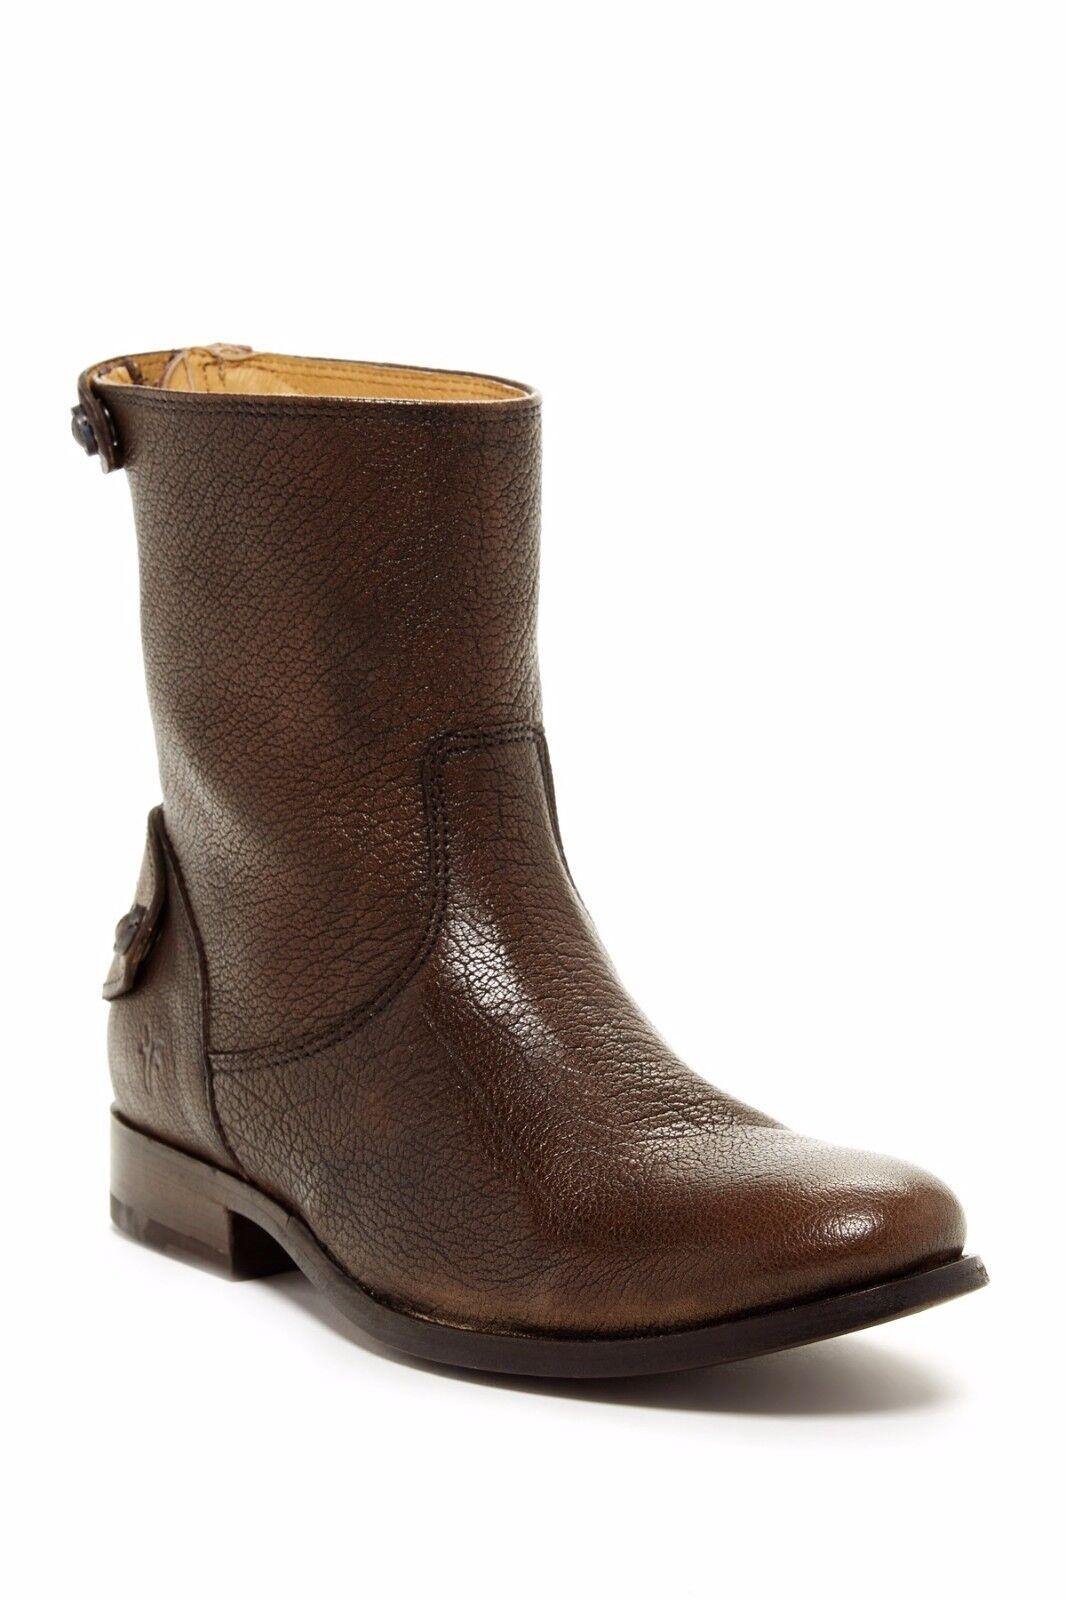 300+ NIB Frye Melissa Button Zip Short Boot, Grau (Braun), Größe 5.5